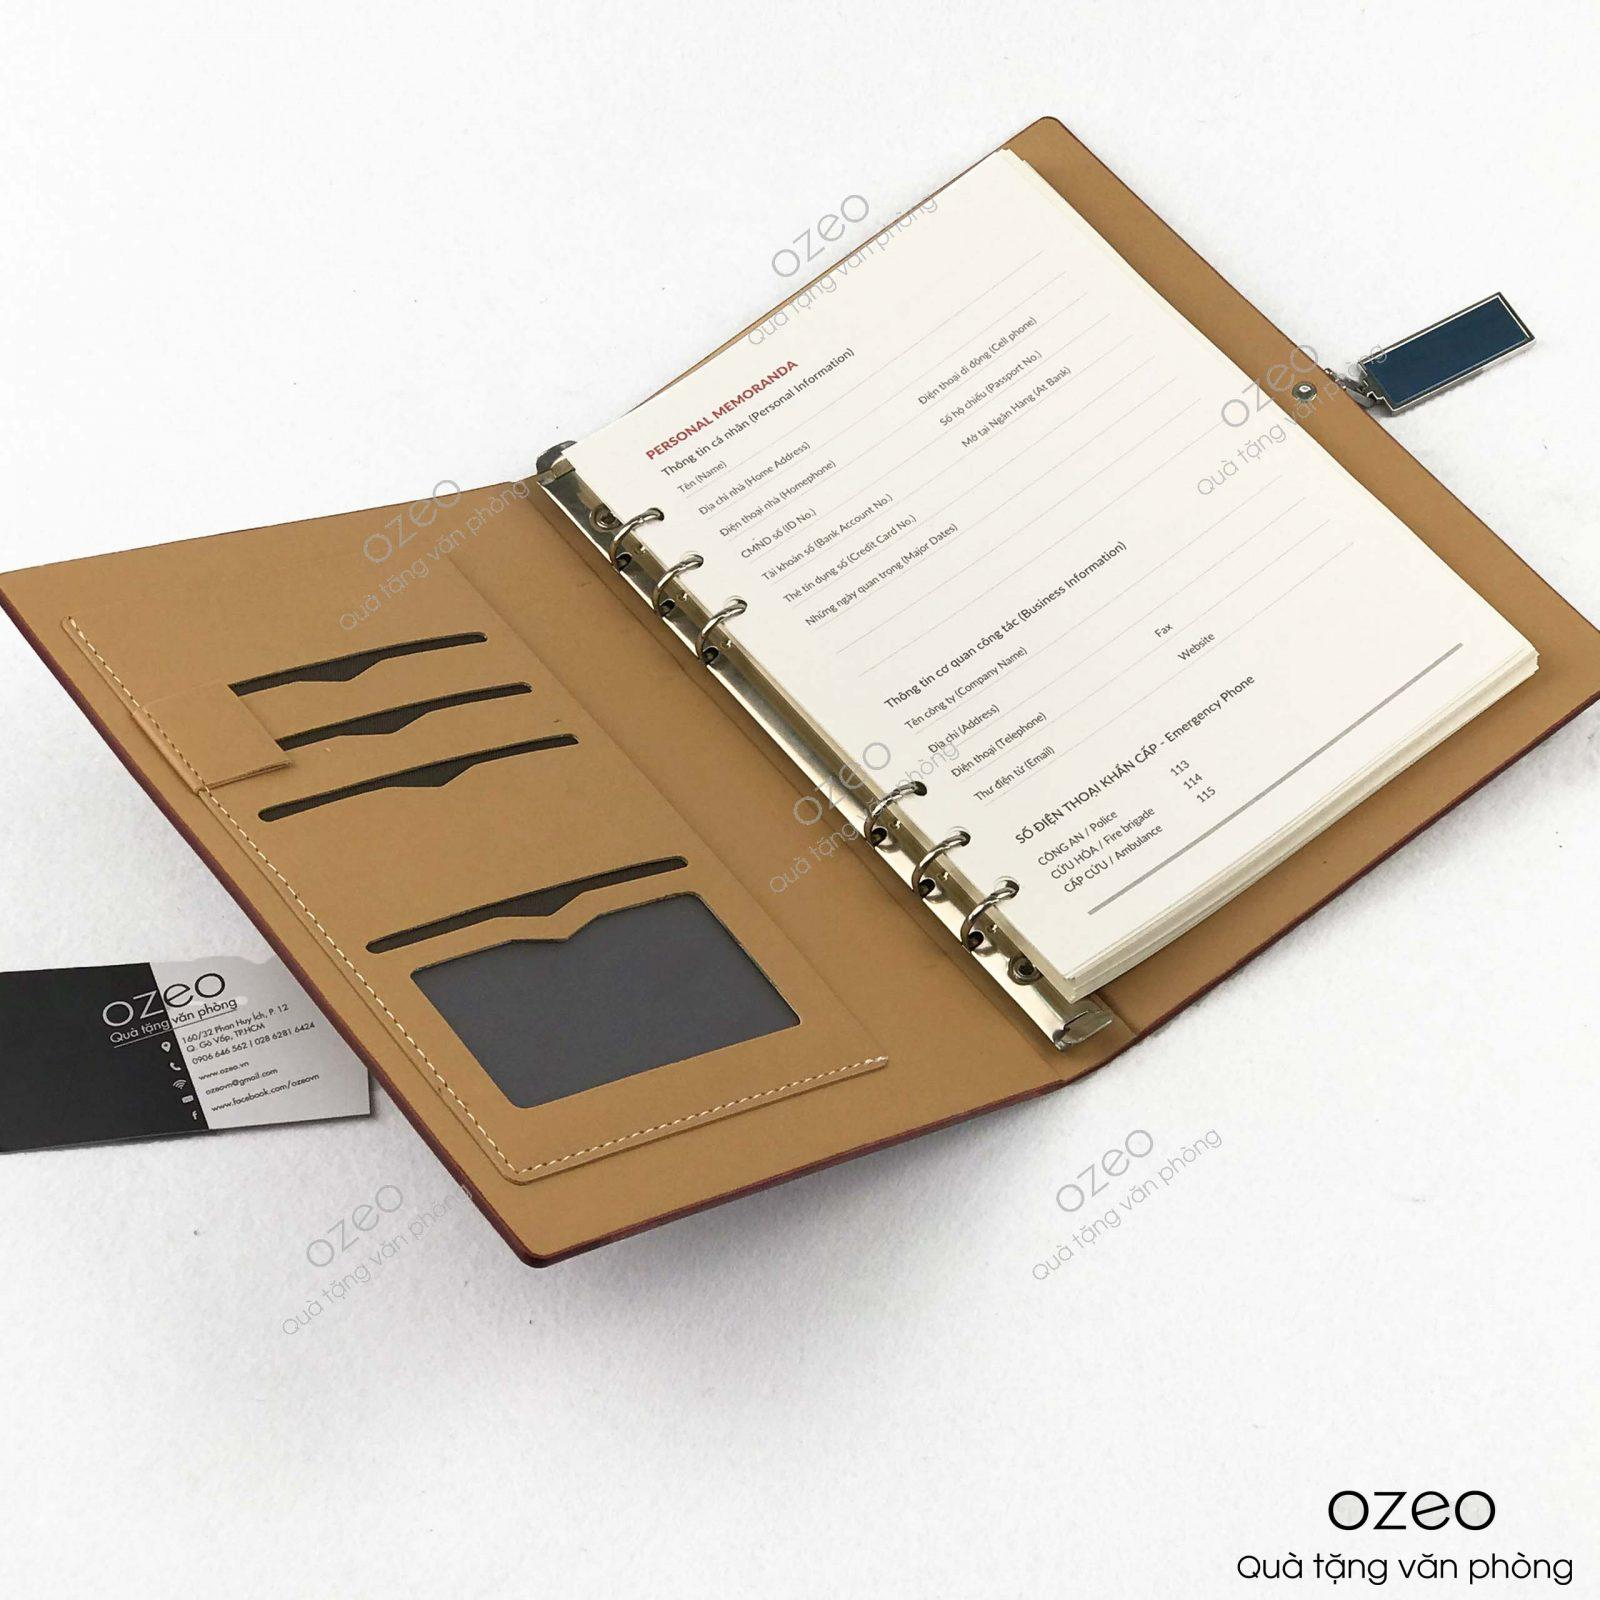 Phần bên trong của bìa sổ da khóa vuông A5 là các ngăn đựng card, danh thiếp.